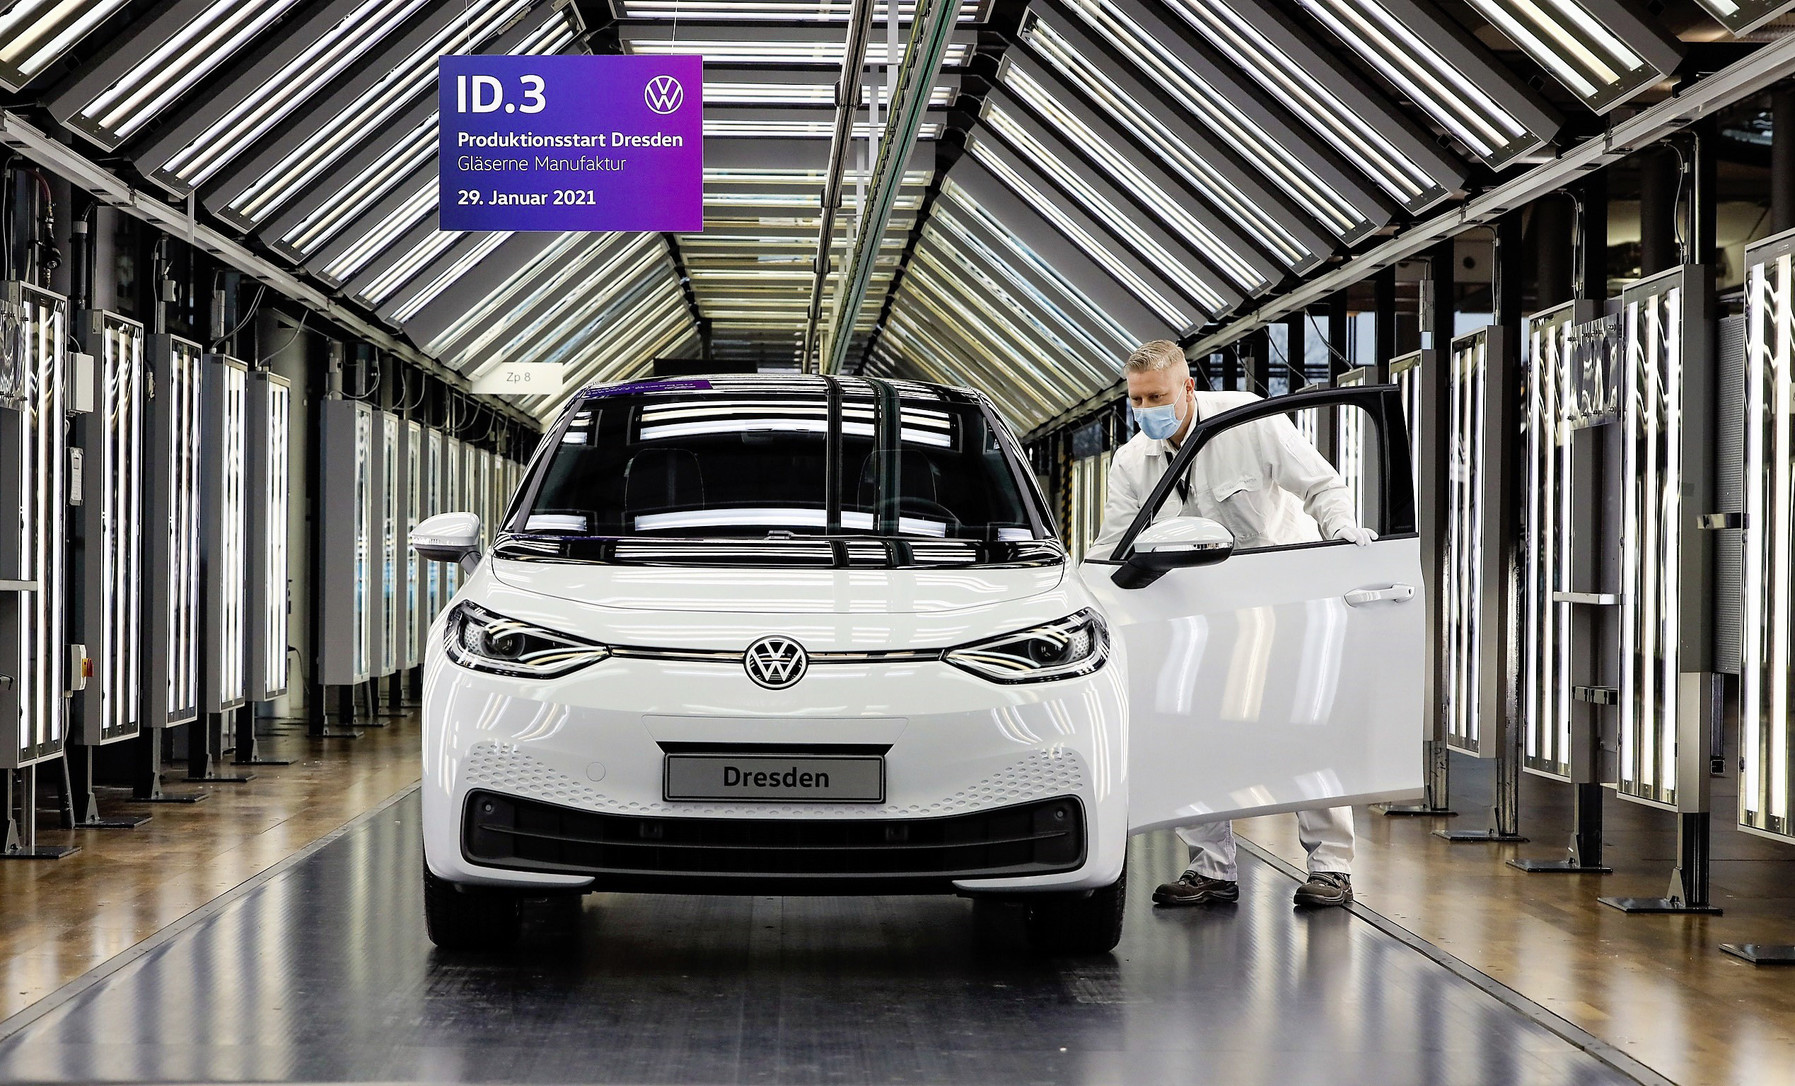 Dresde se suma a la producción del Volkswagen ID.3